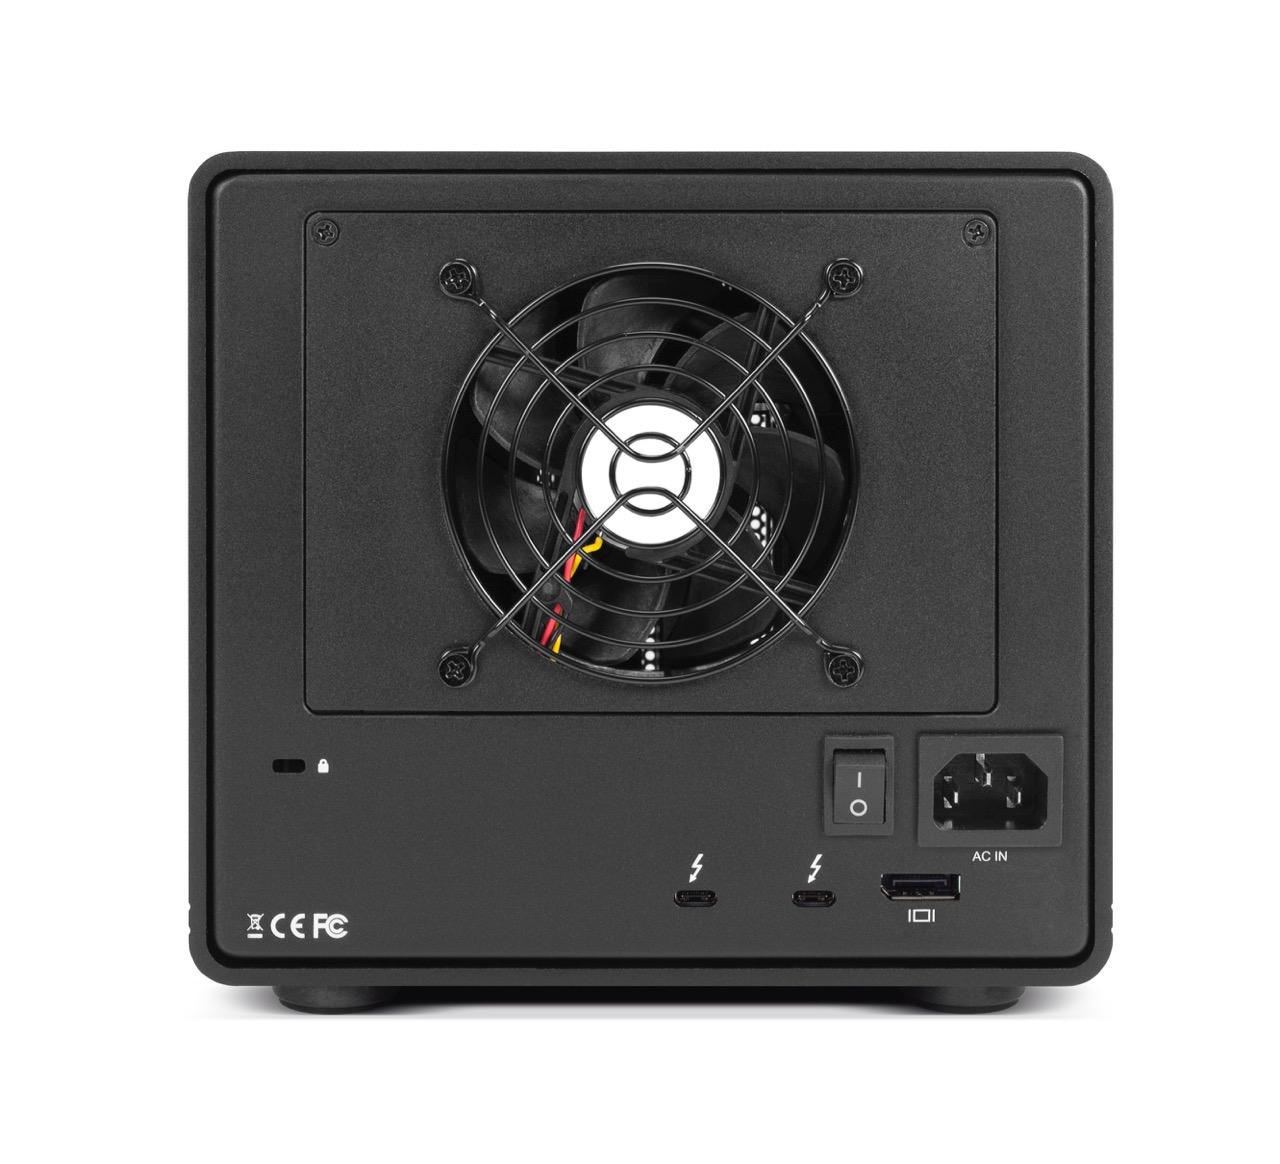 OWC ThunderBay 6 雷电3六盘位存储2.5寸/3.5寸SSD/HDD/混合硬盘